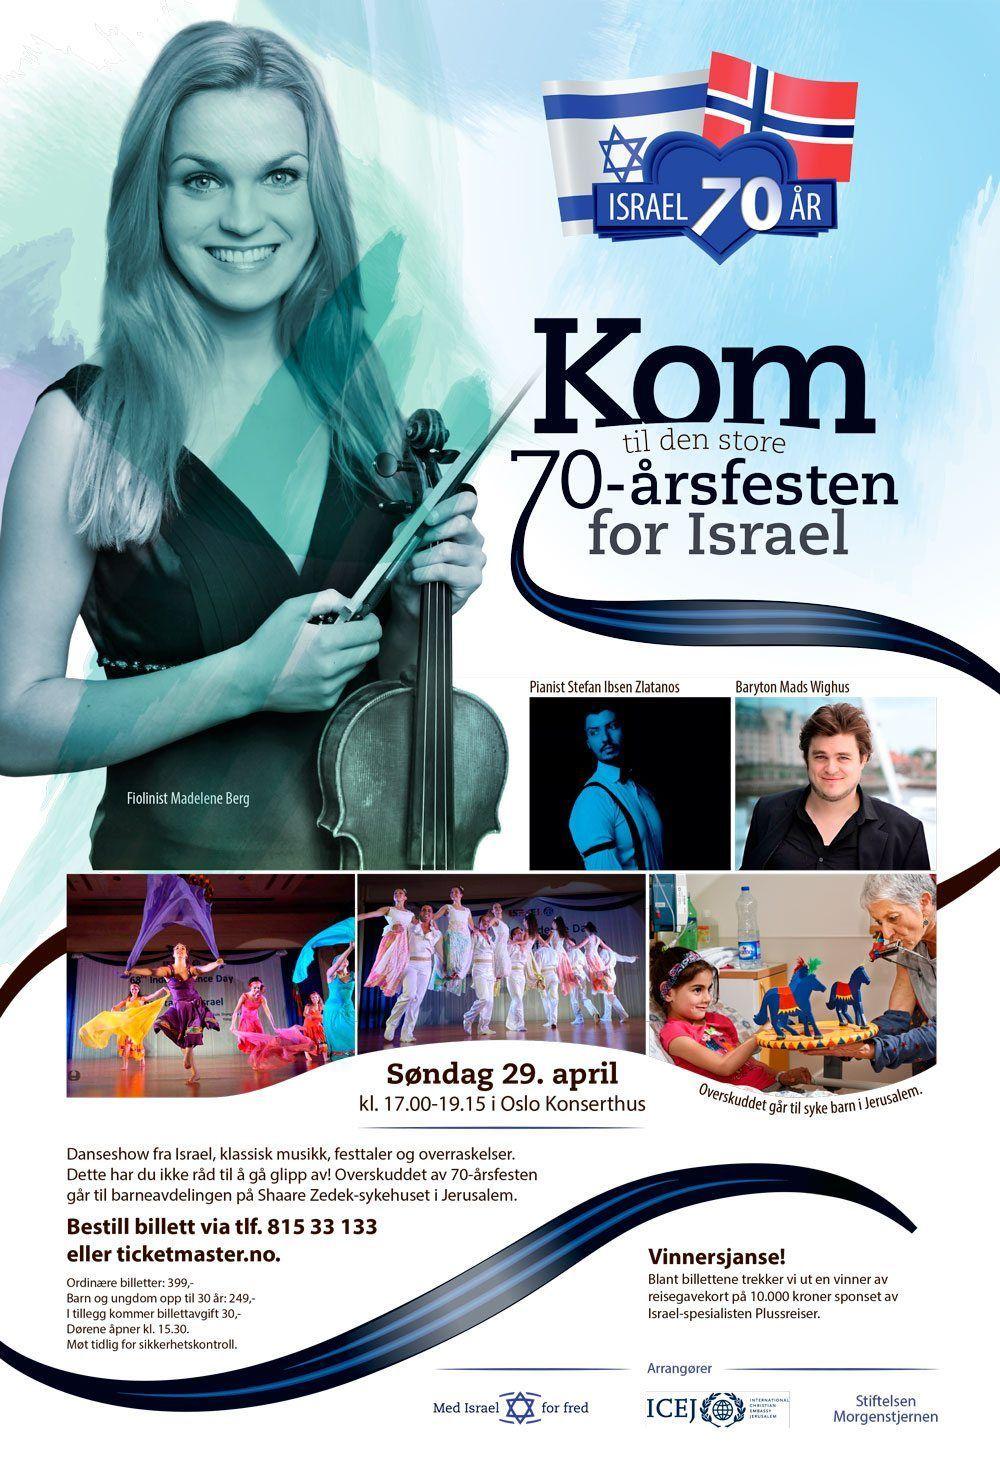 Israelkonferansen med feiring av MIFF 40 år og stor festkveld for Israel 70 år i Oslo Konserthus